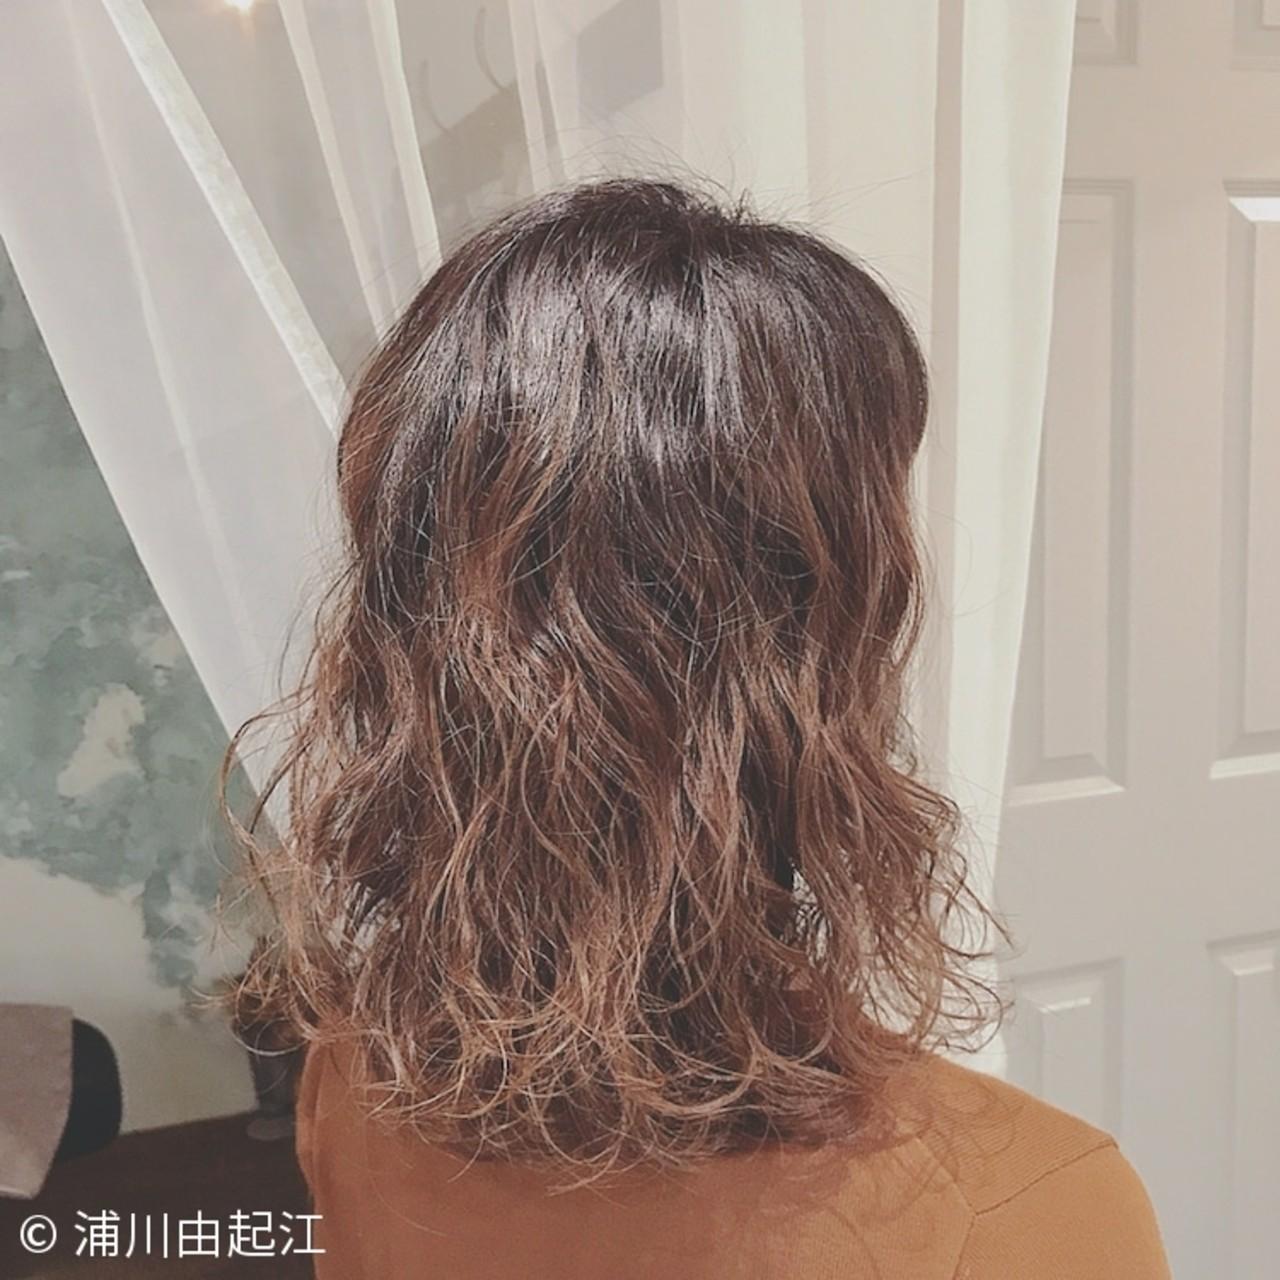 ミディアム ゆるふわ モード グラデーションカラー ヘアスタイルや髪型の写真・画像